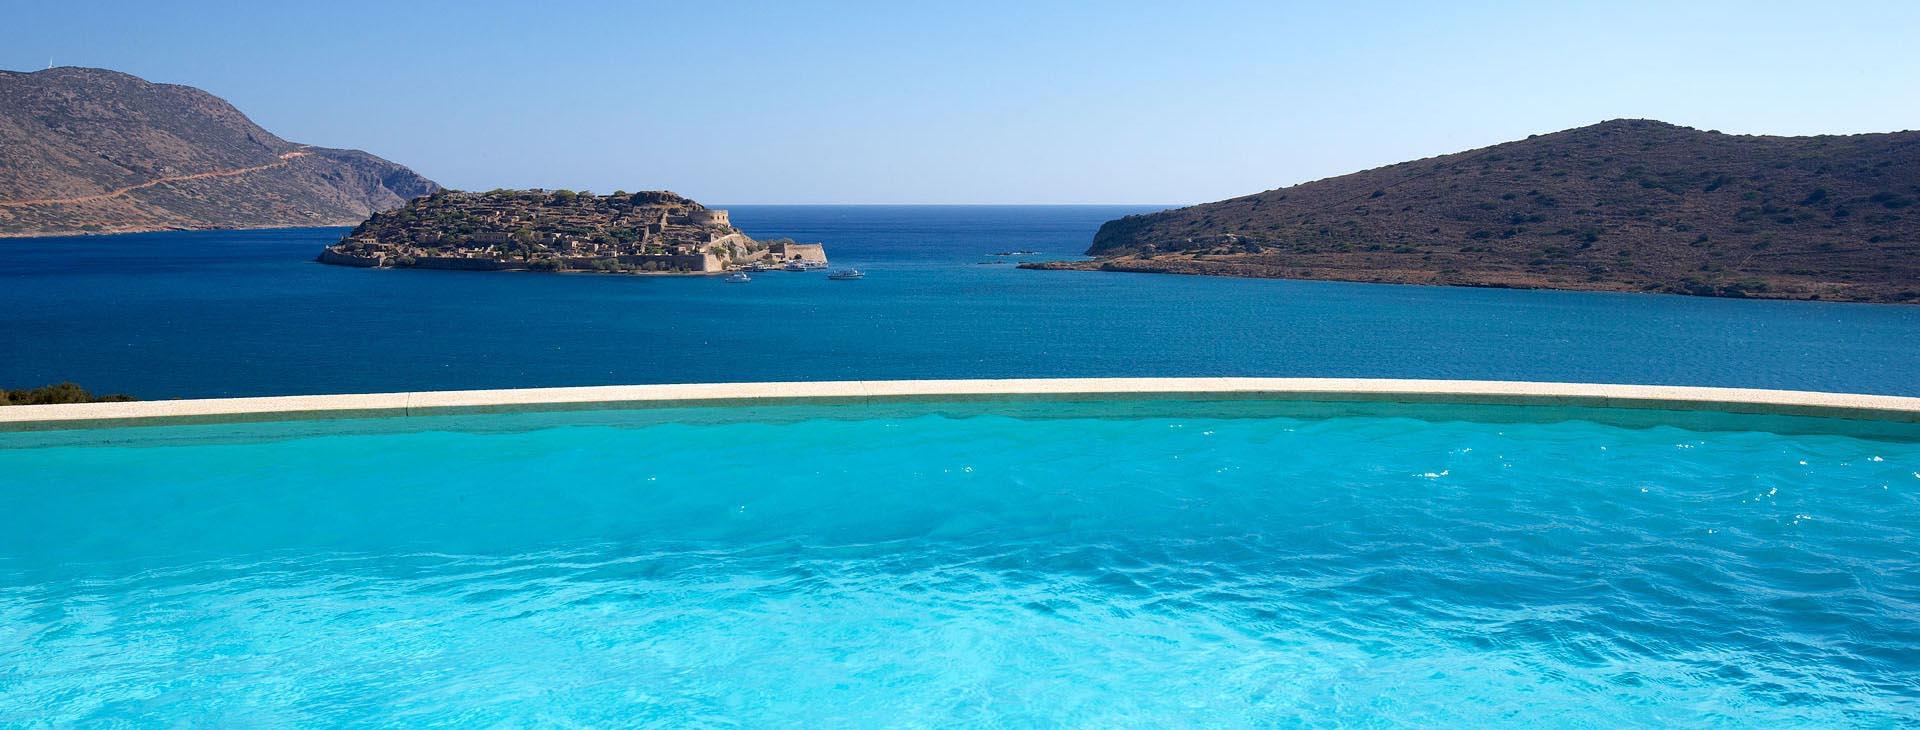 Domes Of Elounda Resort & Spa - Villa Aptera pool view